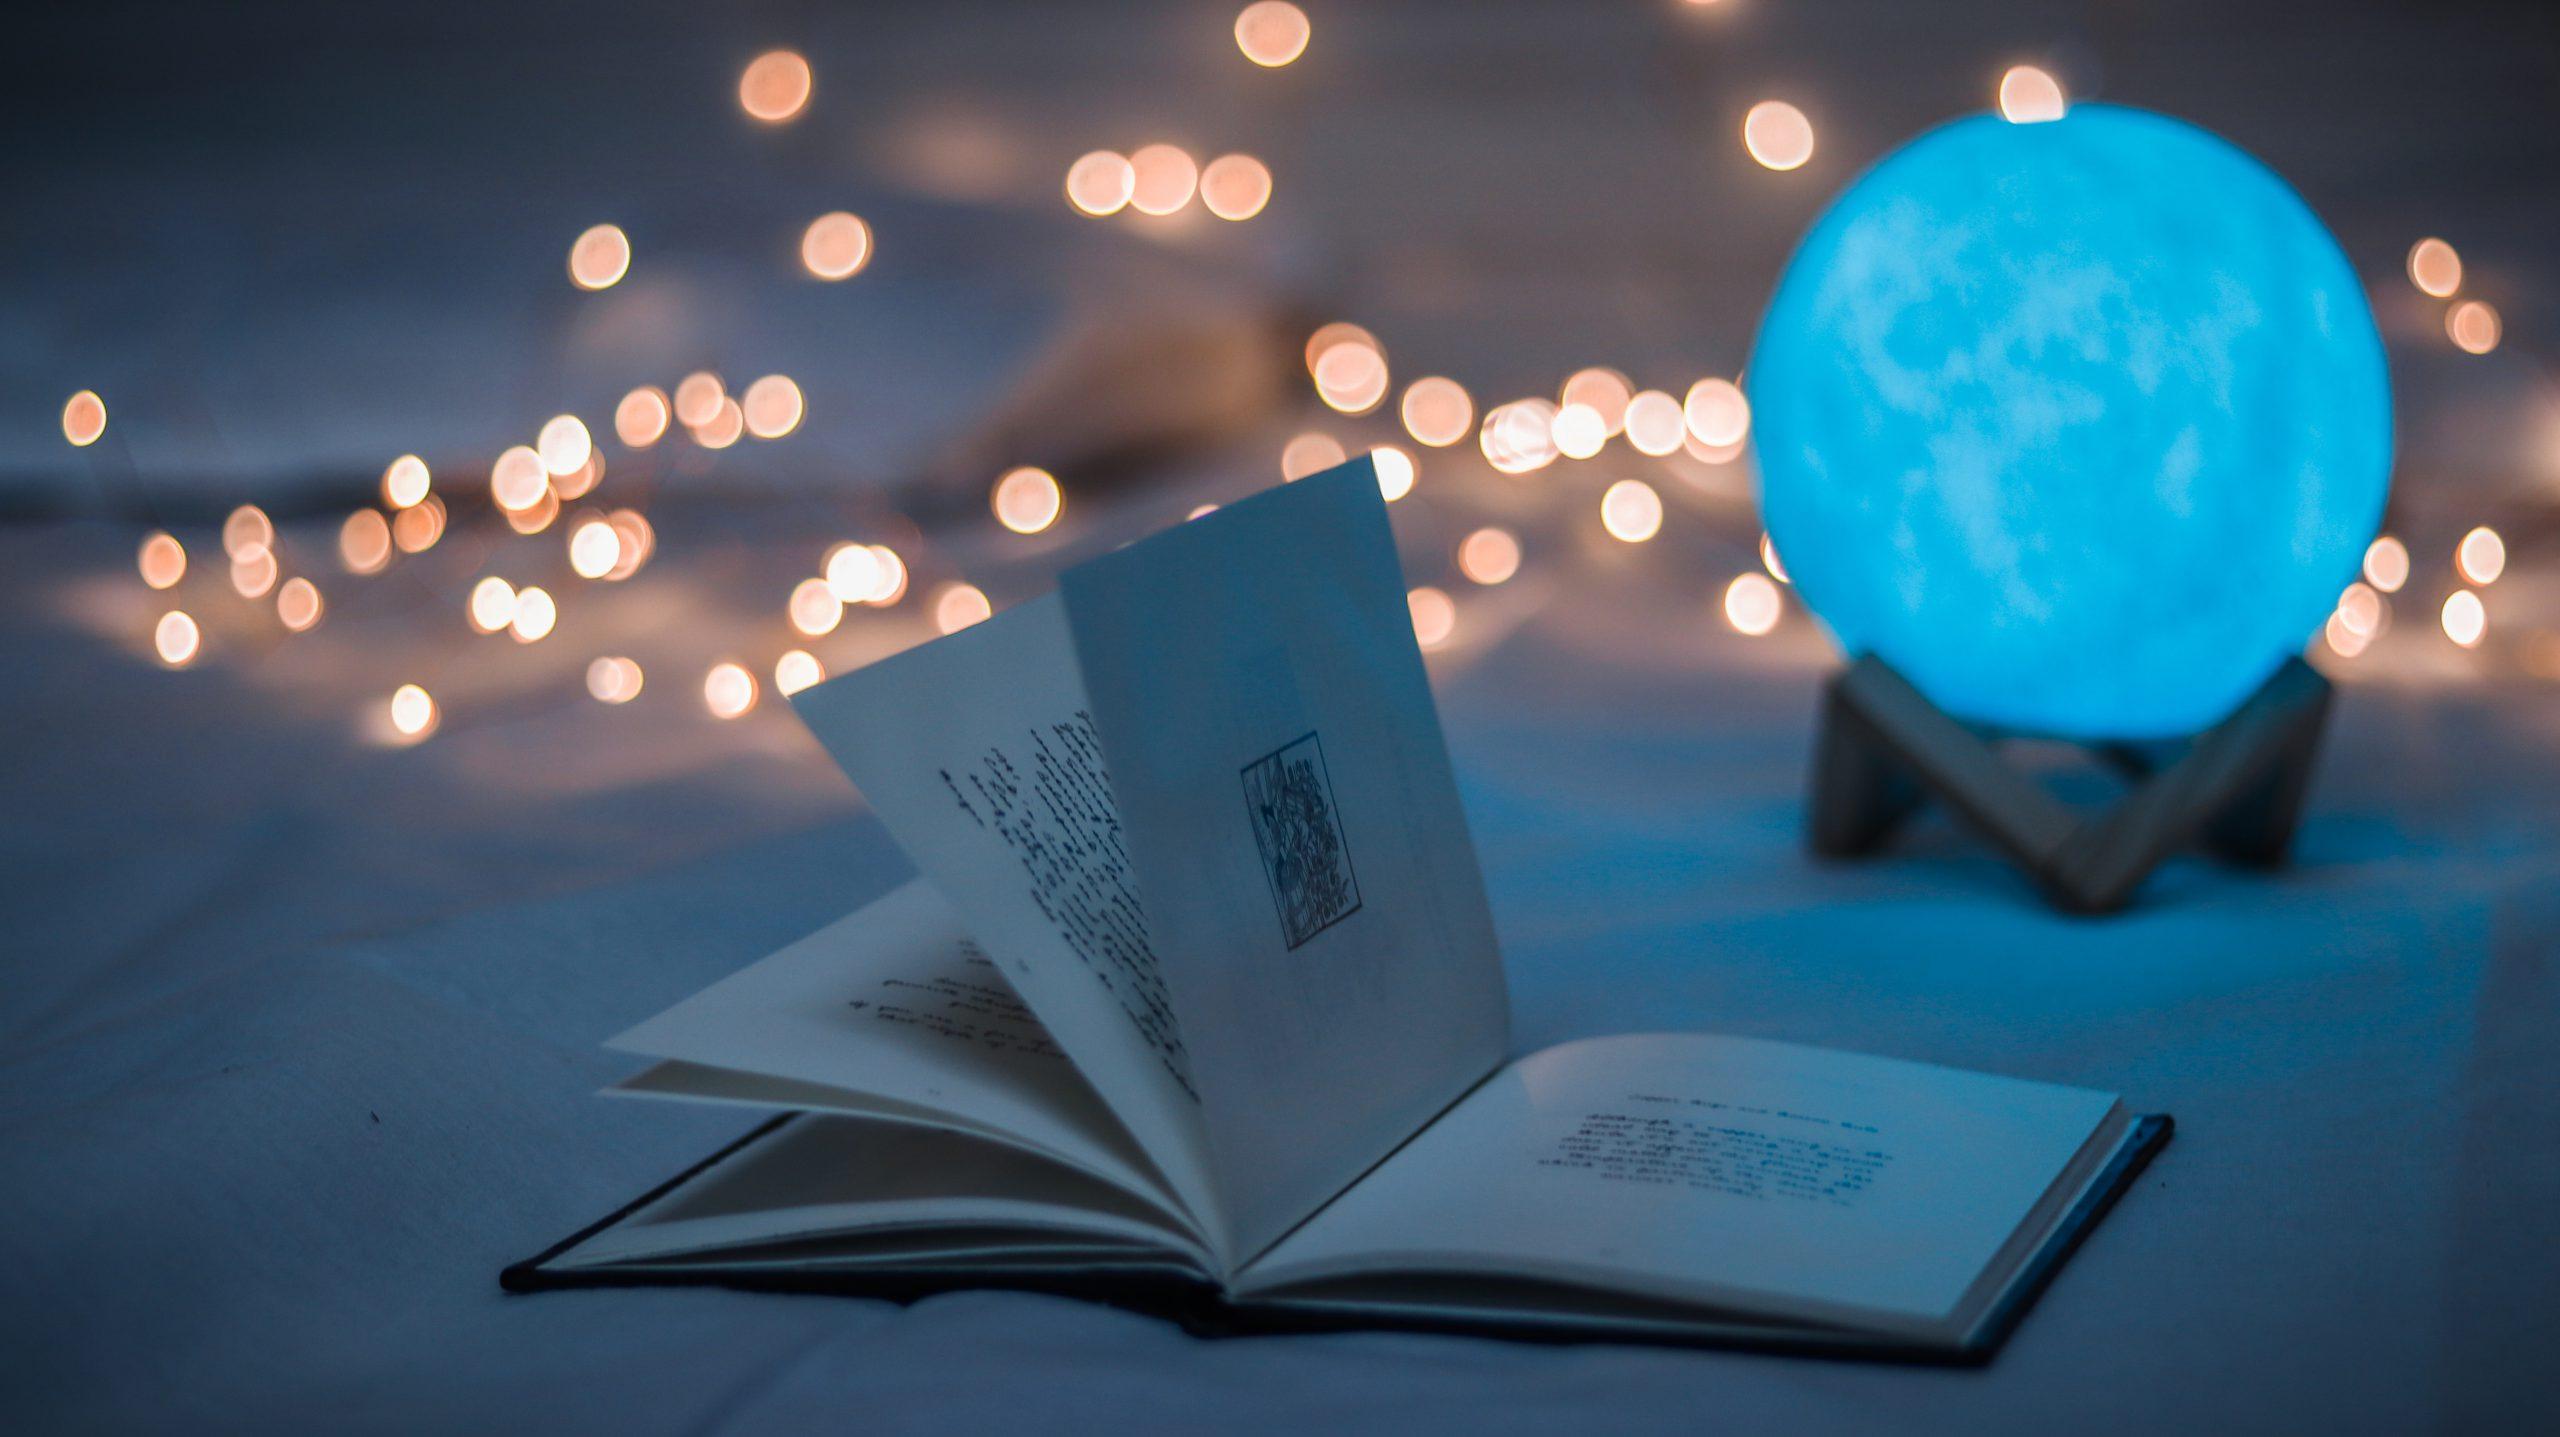 買一堆書看不完怎麼辦?用自助餐閱讀法讓閱讀速度加快100%!